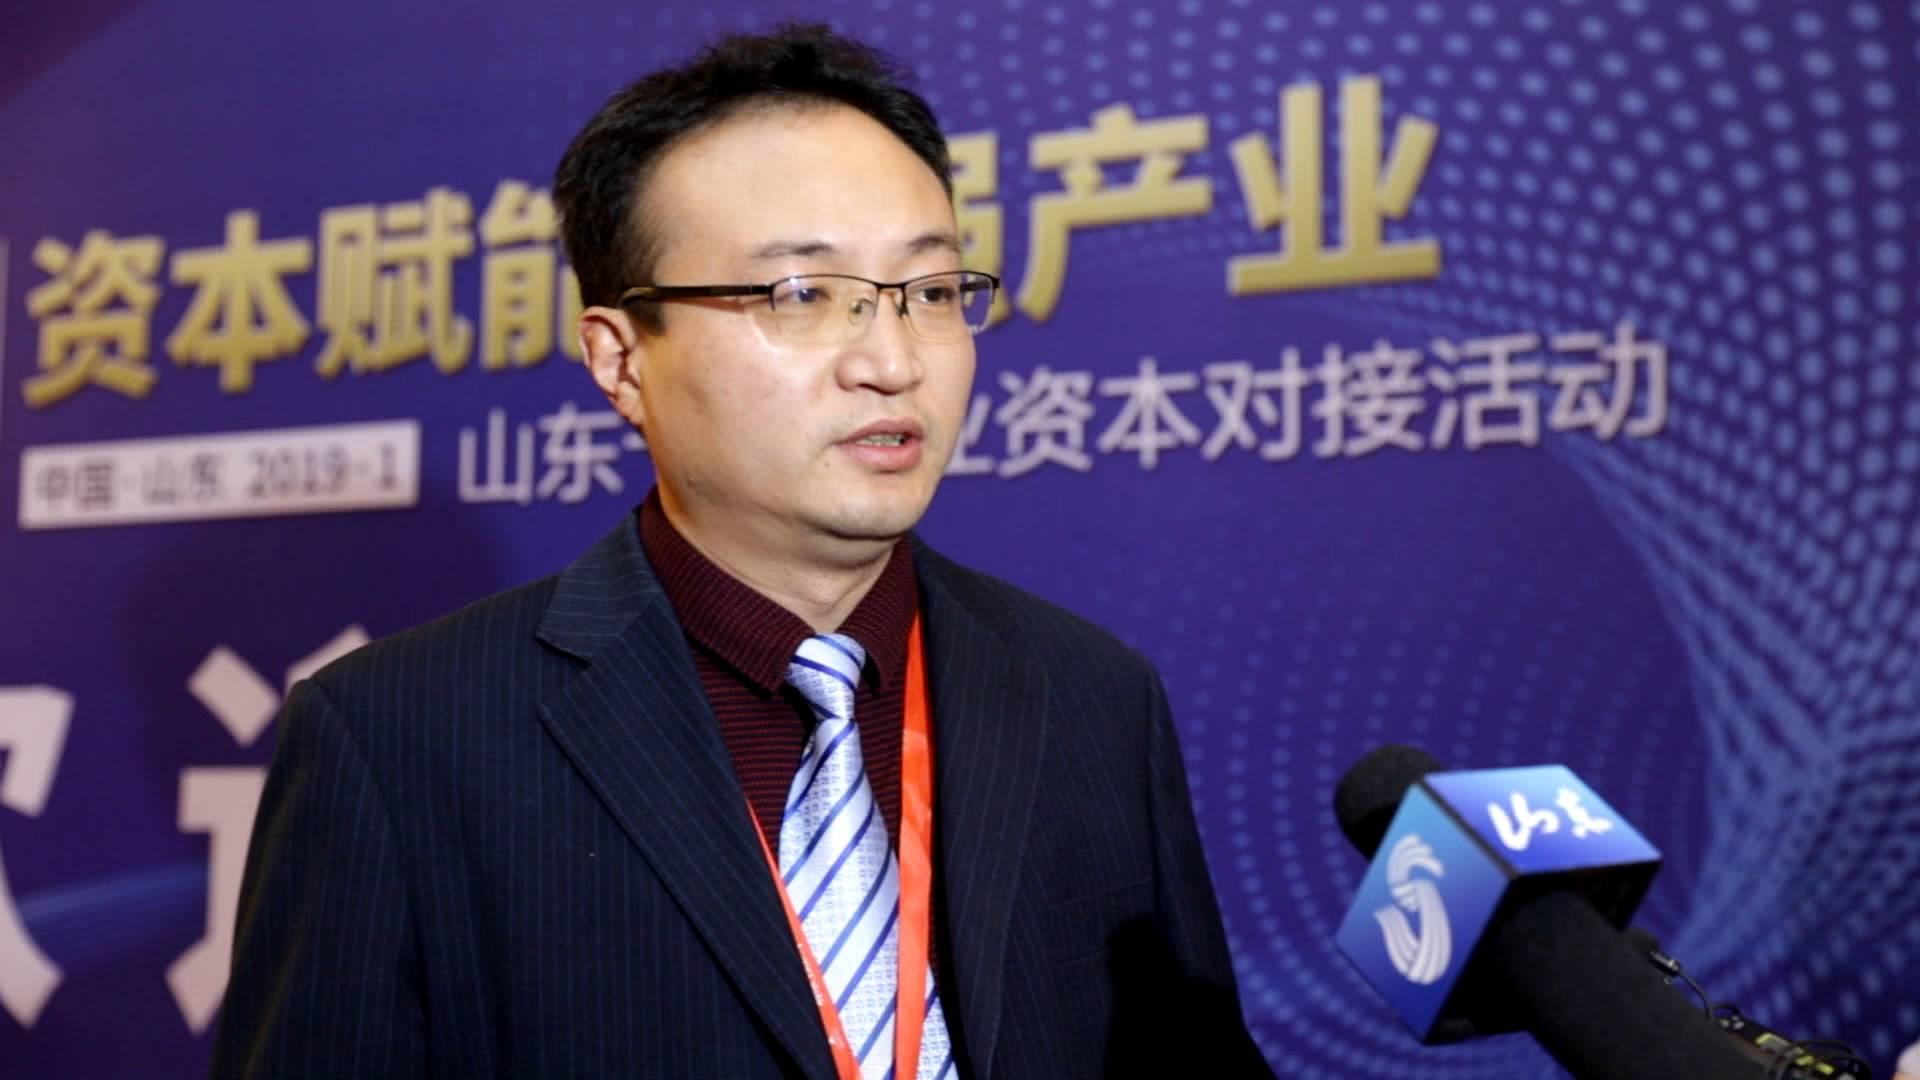 济南和普威视光电技术有限公司董事长刘豪:十强产业资本对接活动是对企业最大的支持